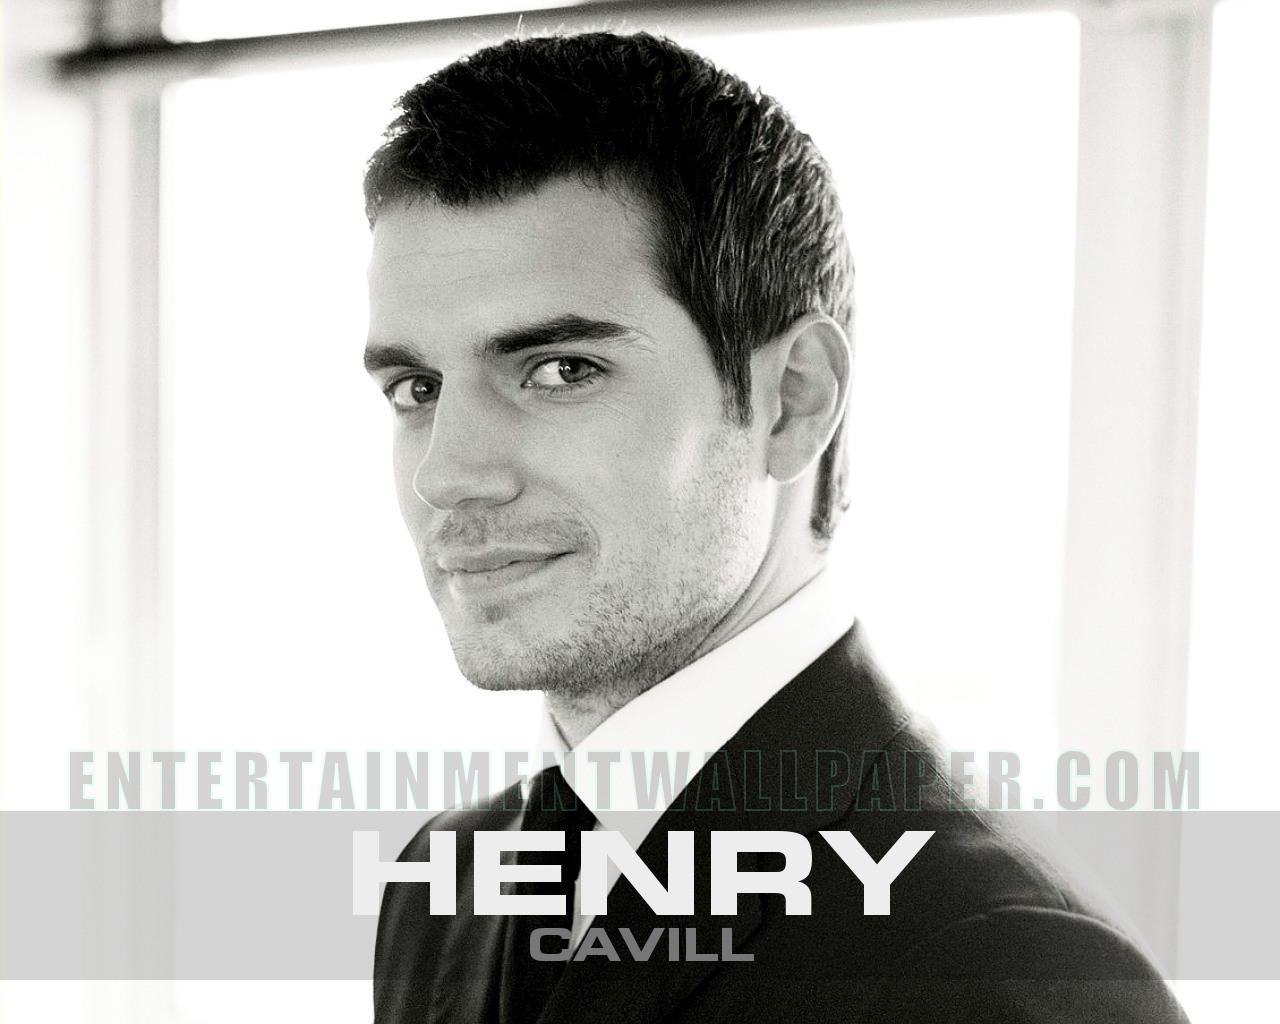 Henry Cavill Wallpaper HD ImageBankbiz 1280x1024